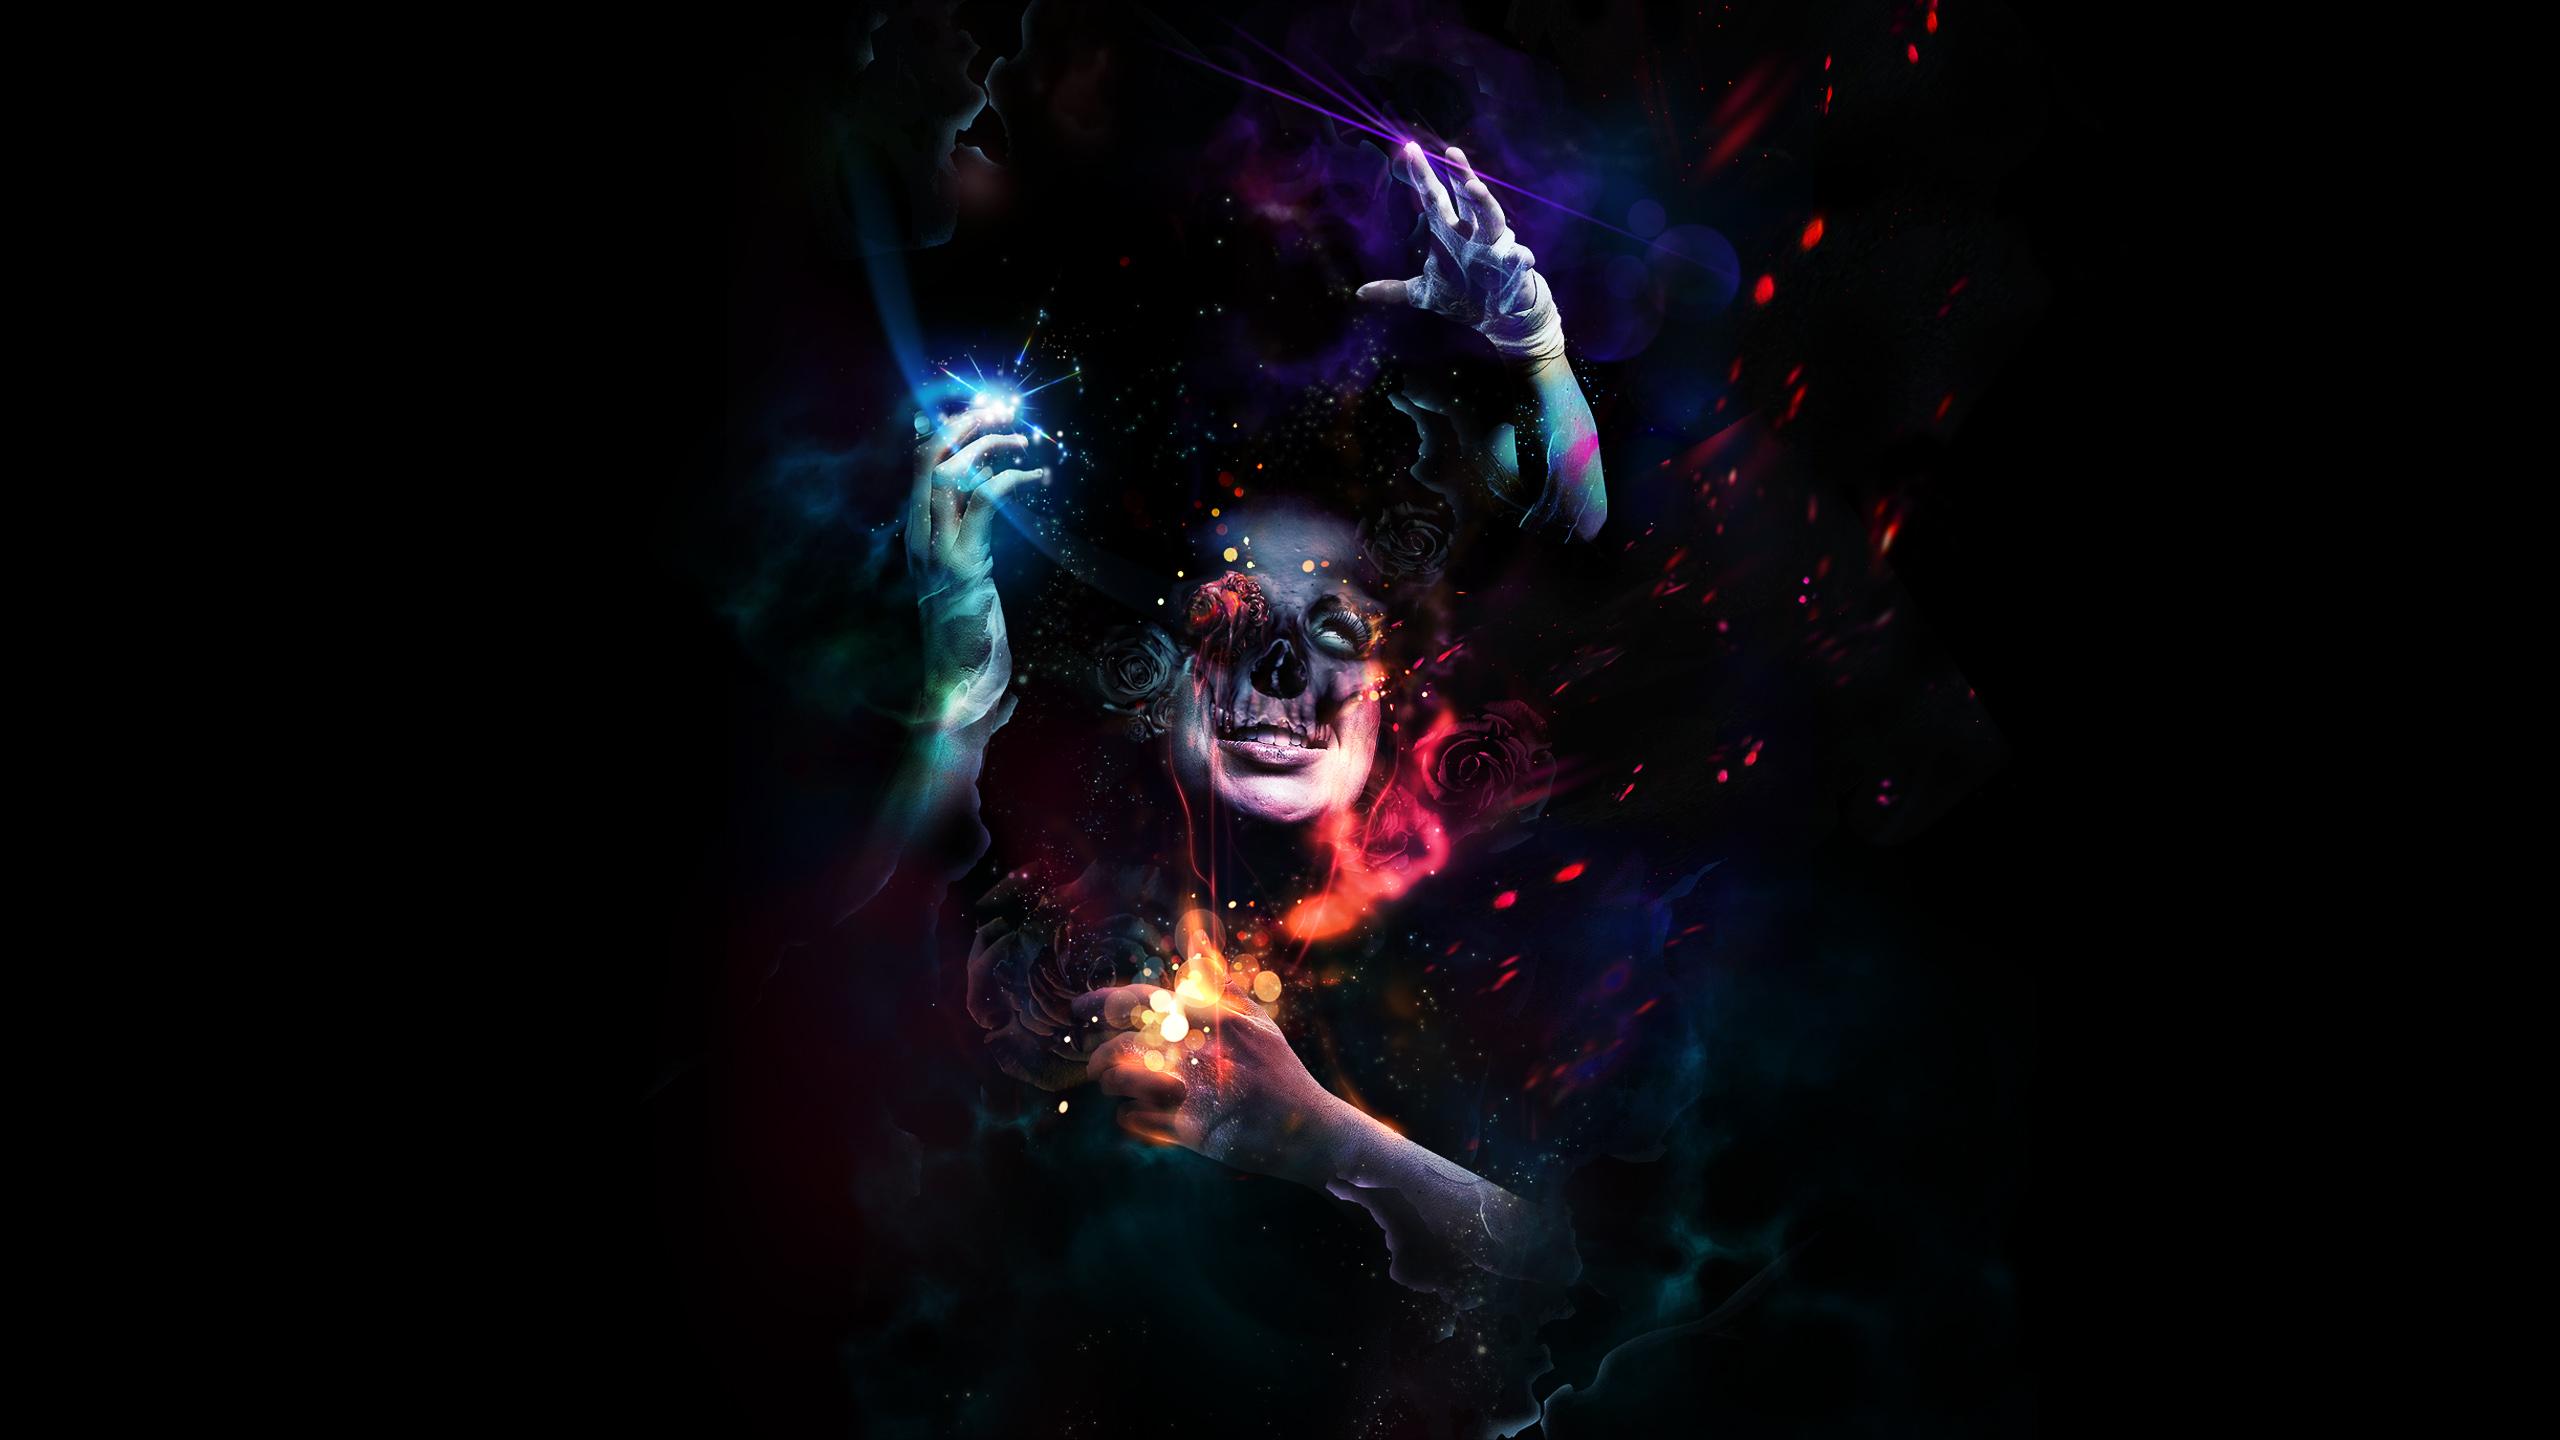 Dark Psychedelic Wallpaper